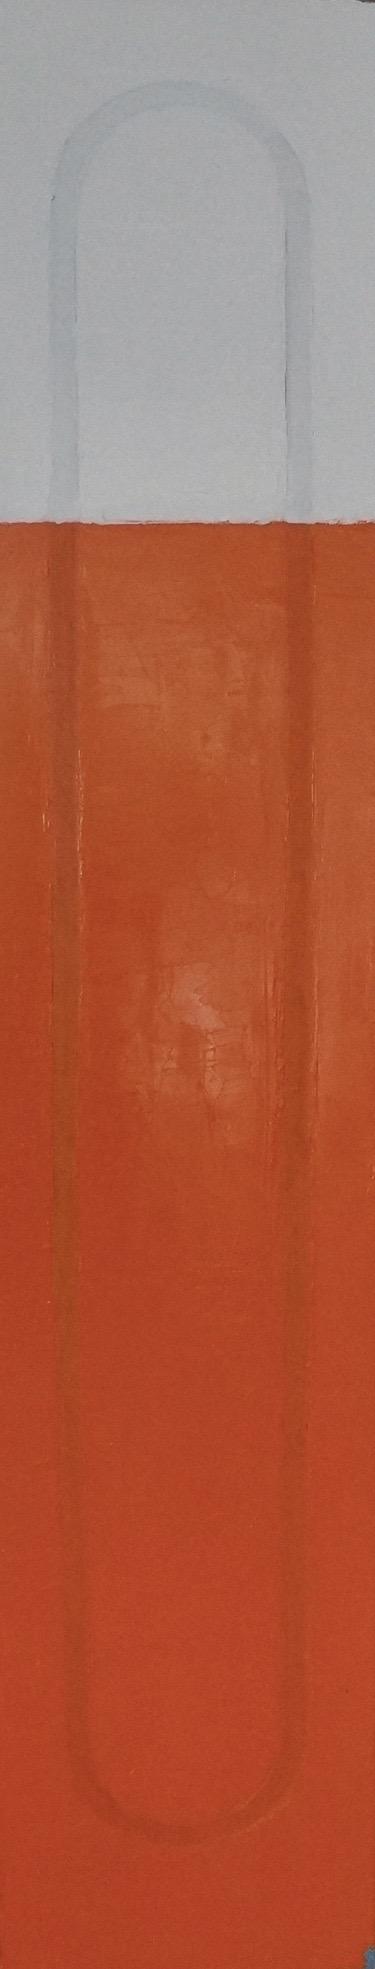 Ligo 1 oil on linen, 30.5 x 152cm